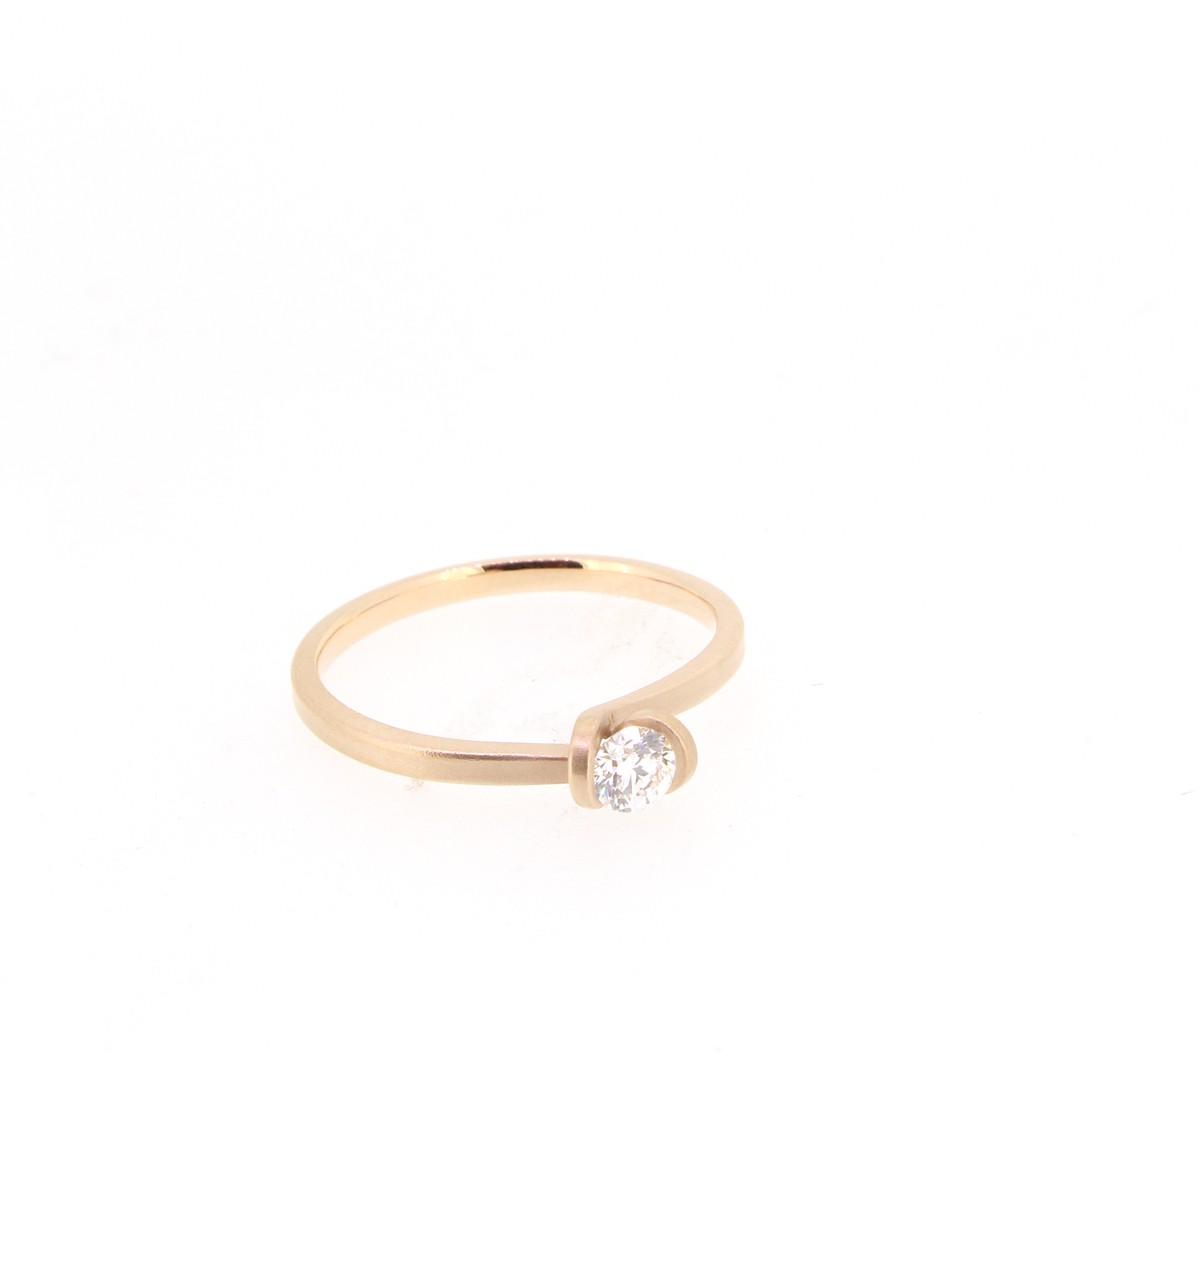 Ring Solitär Brillant 0,20ct - Oliver Schmidt - 101rose020